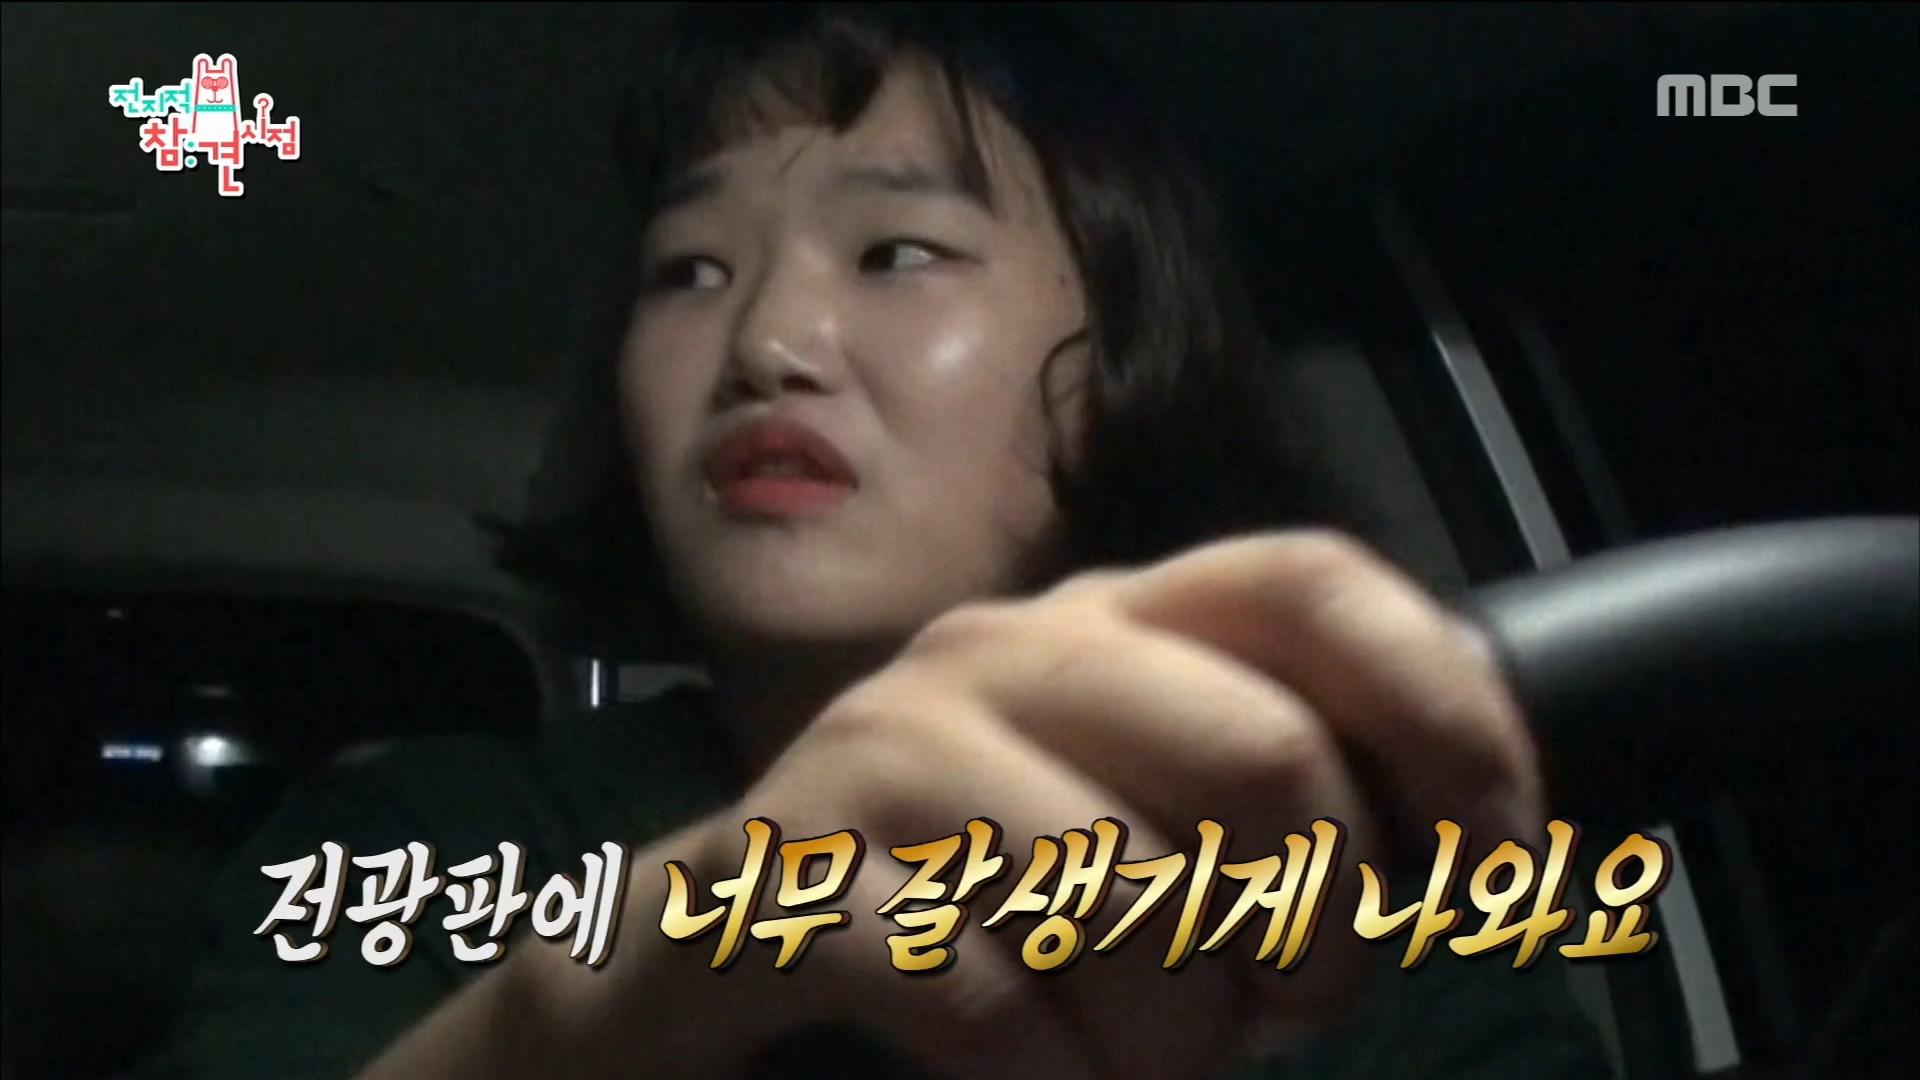 박성광 기 살려주는 칭찬봇 송이매니저, 너~무 잘생겼어요!